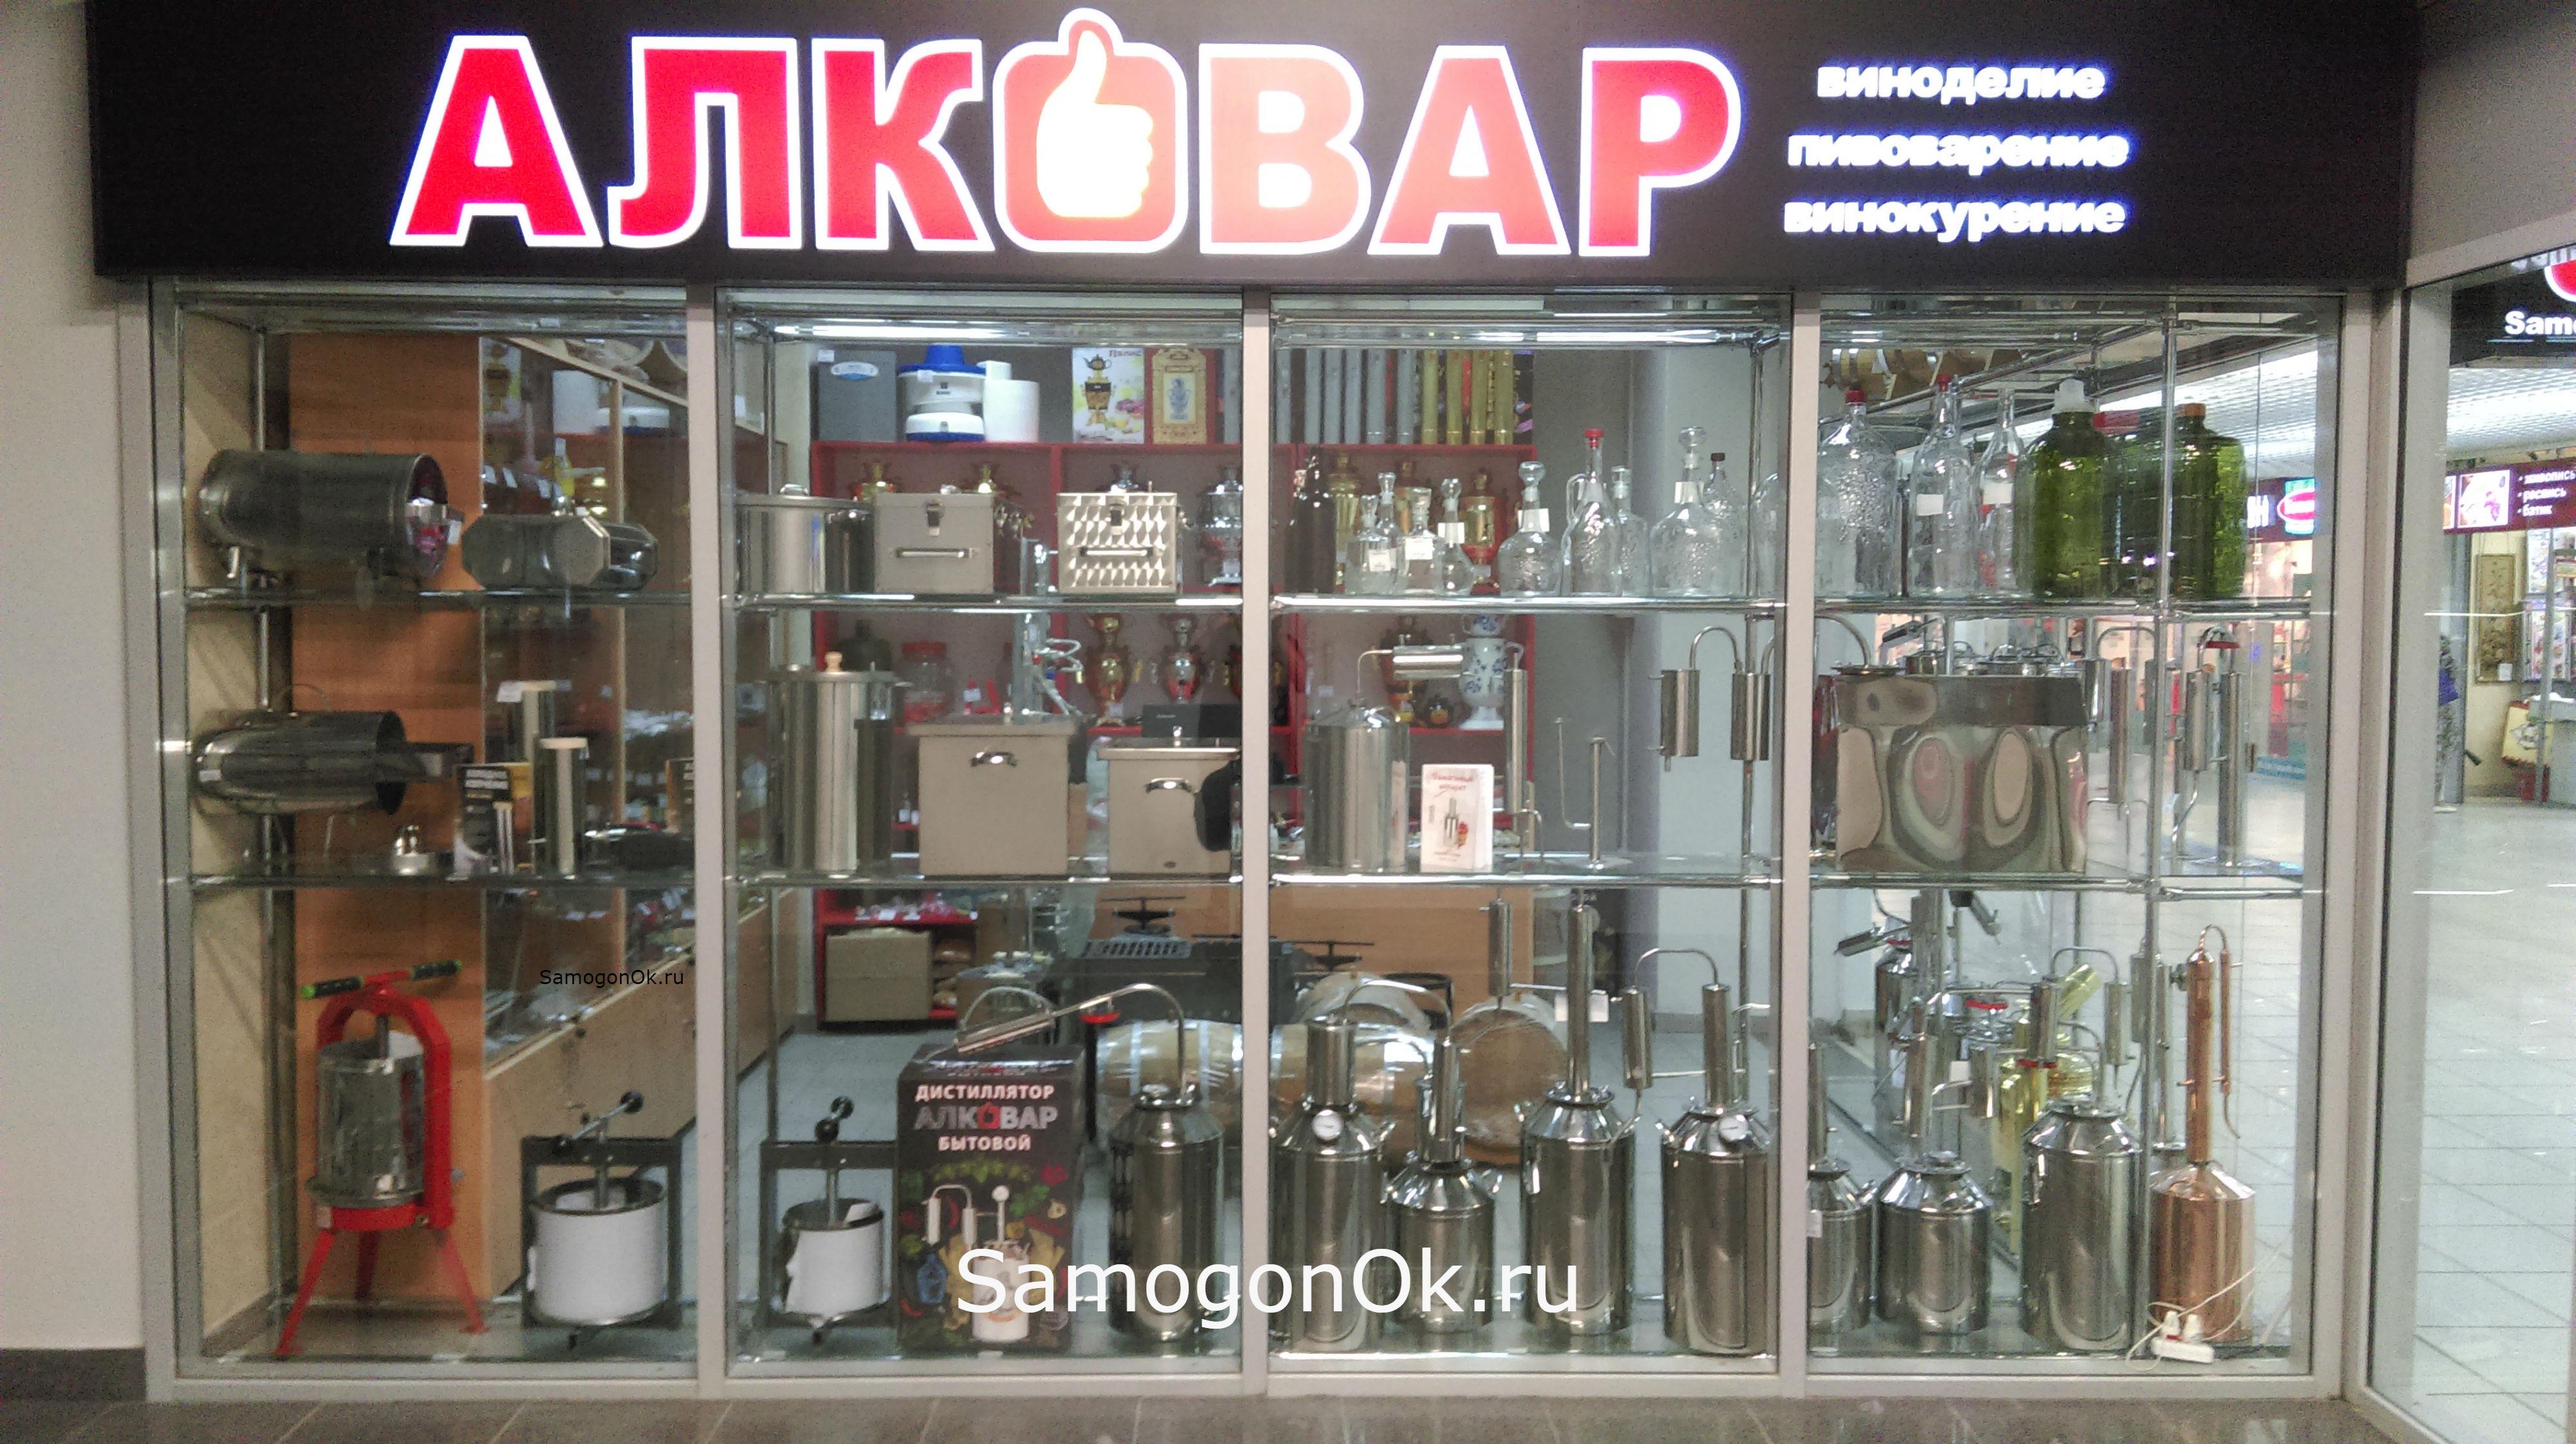 Магазин АЛКОВАР от SamogonOk.ru в Самаре ТРК Космопорт